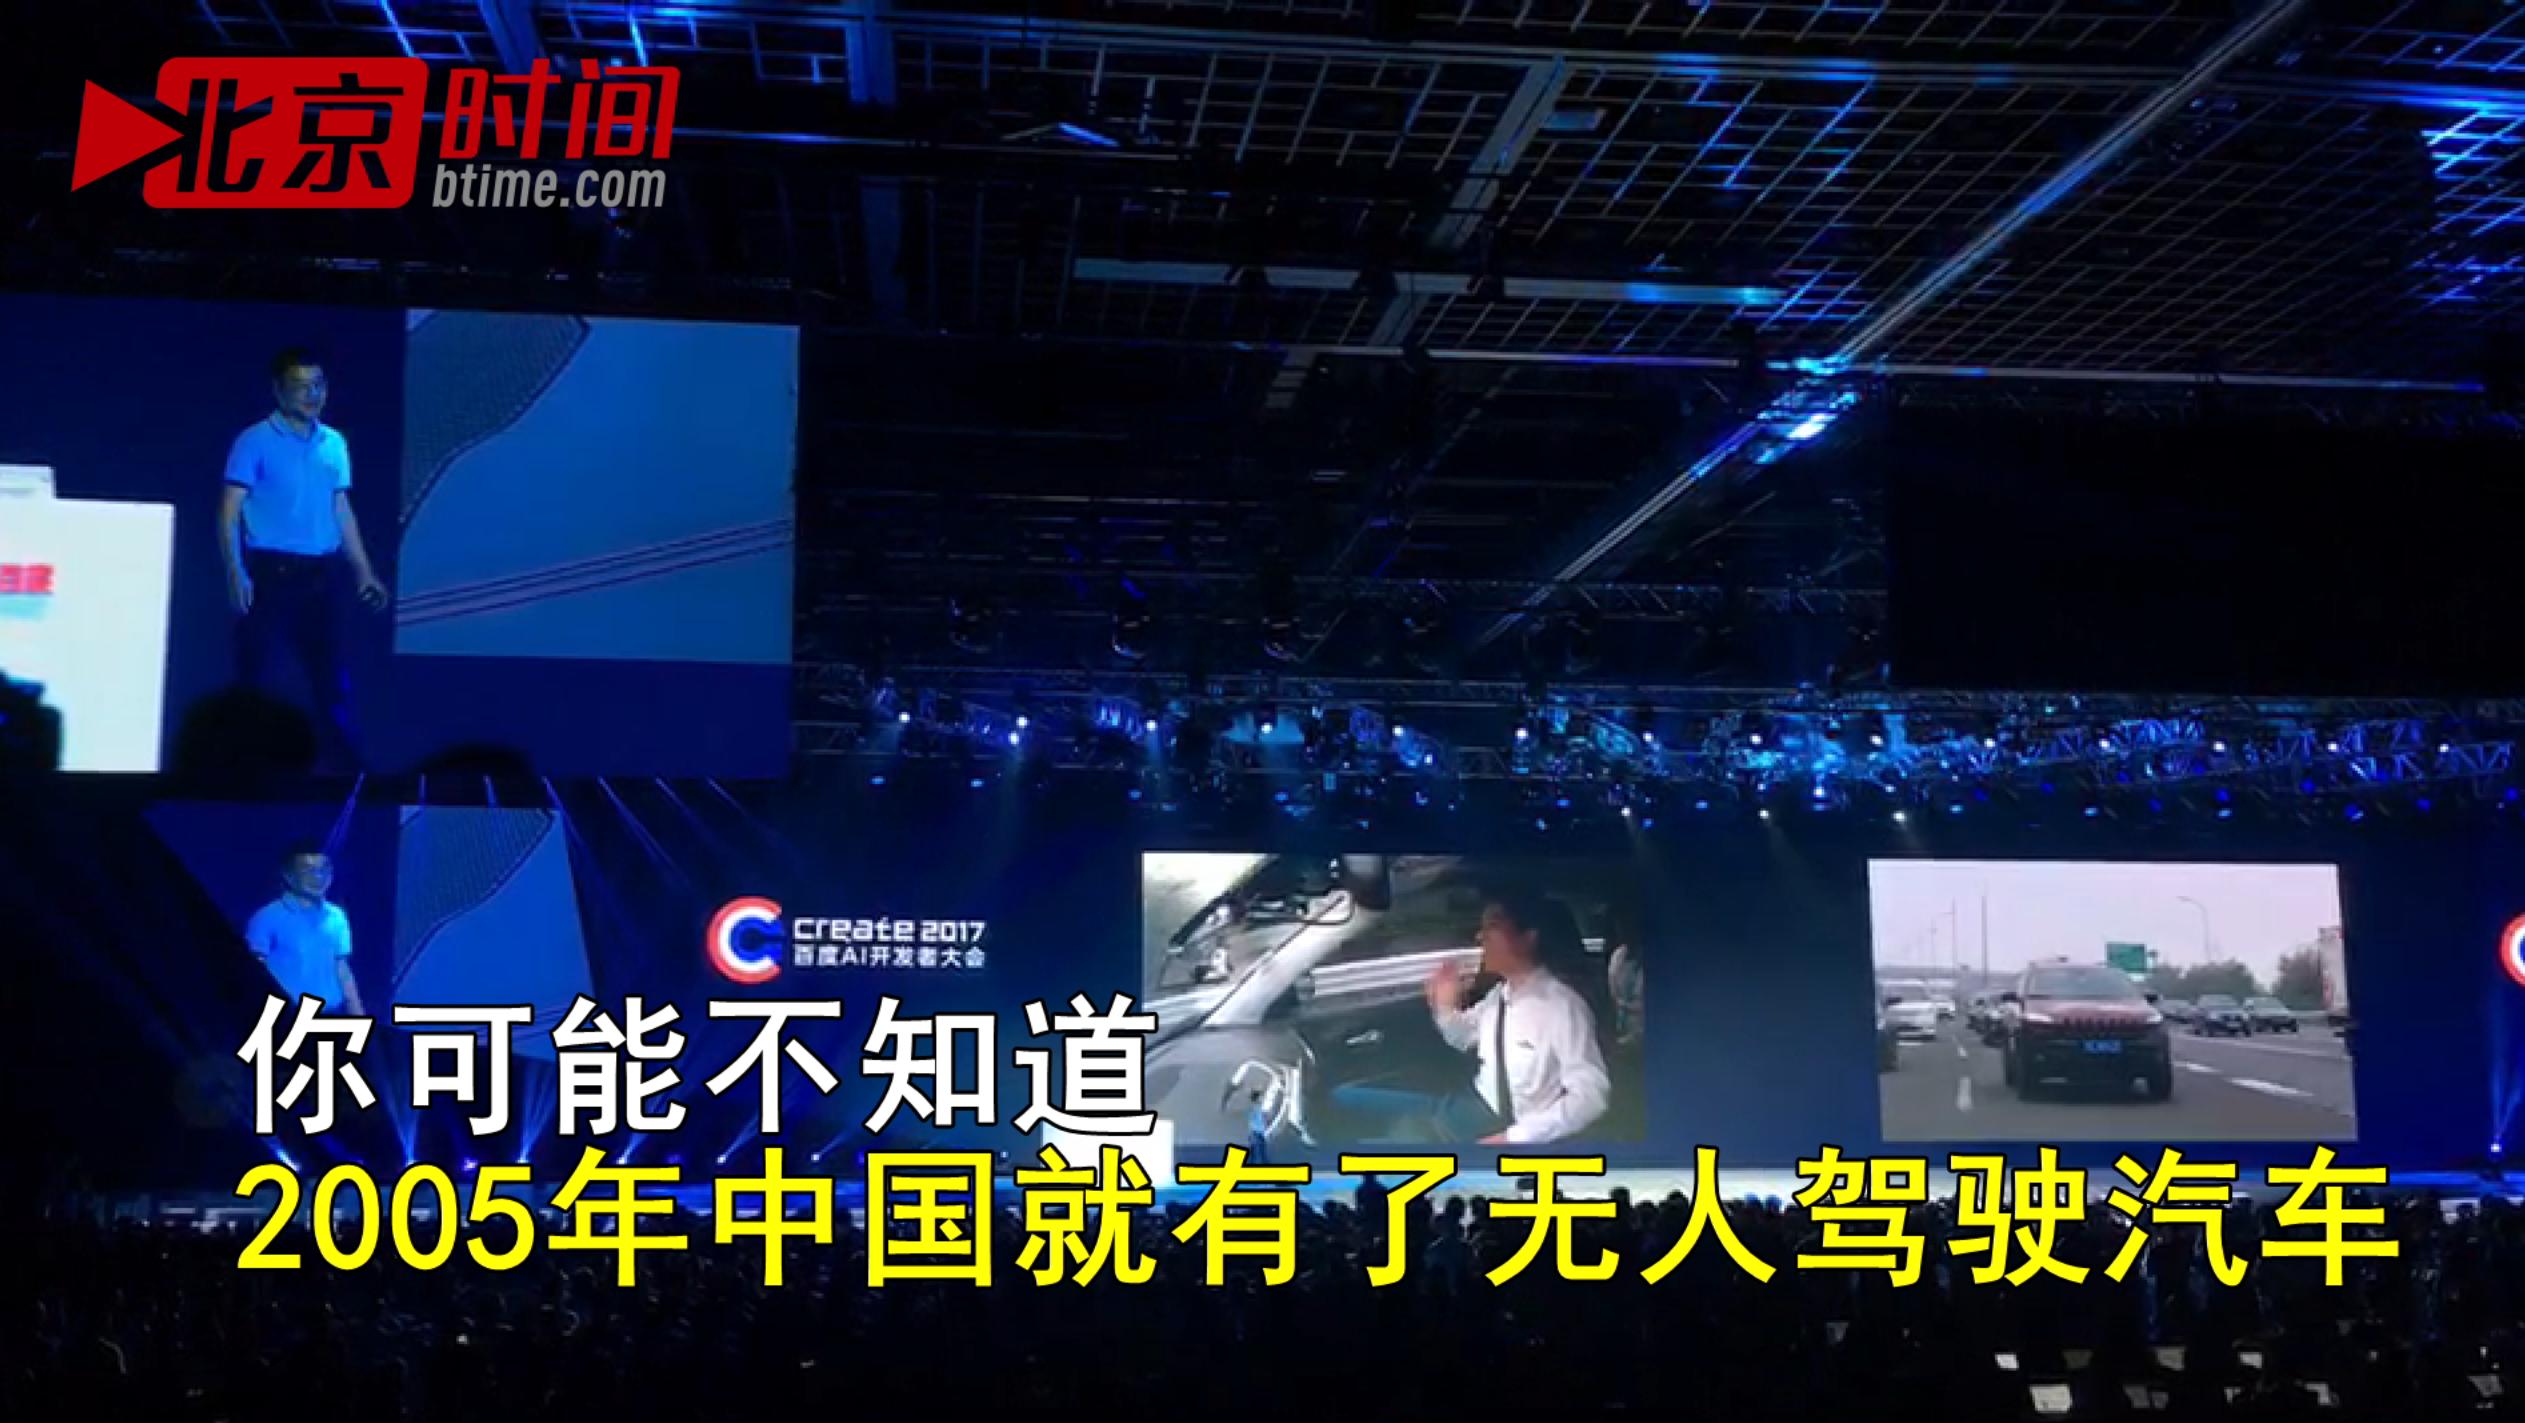 你可能不知道 2005年中国就有了无人驾驶汽车